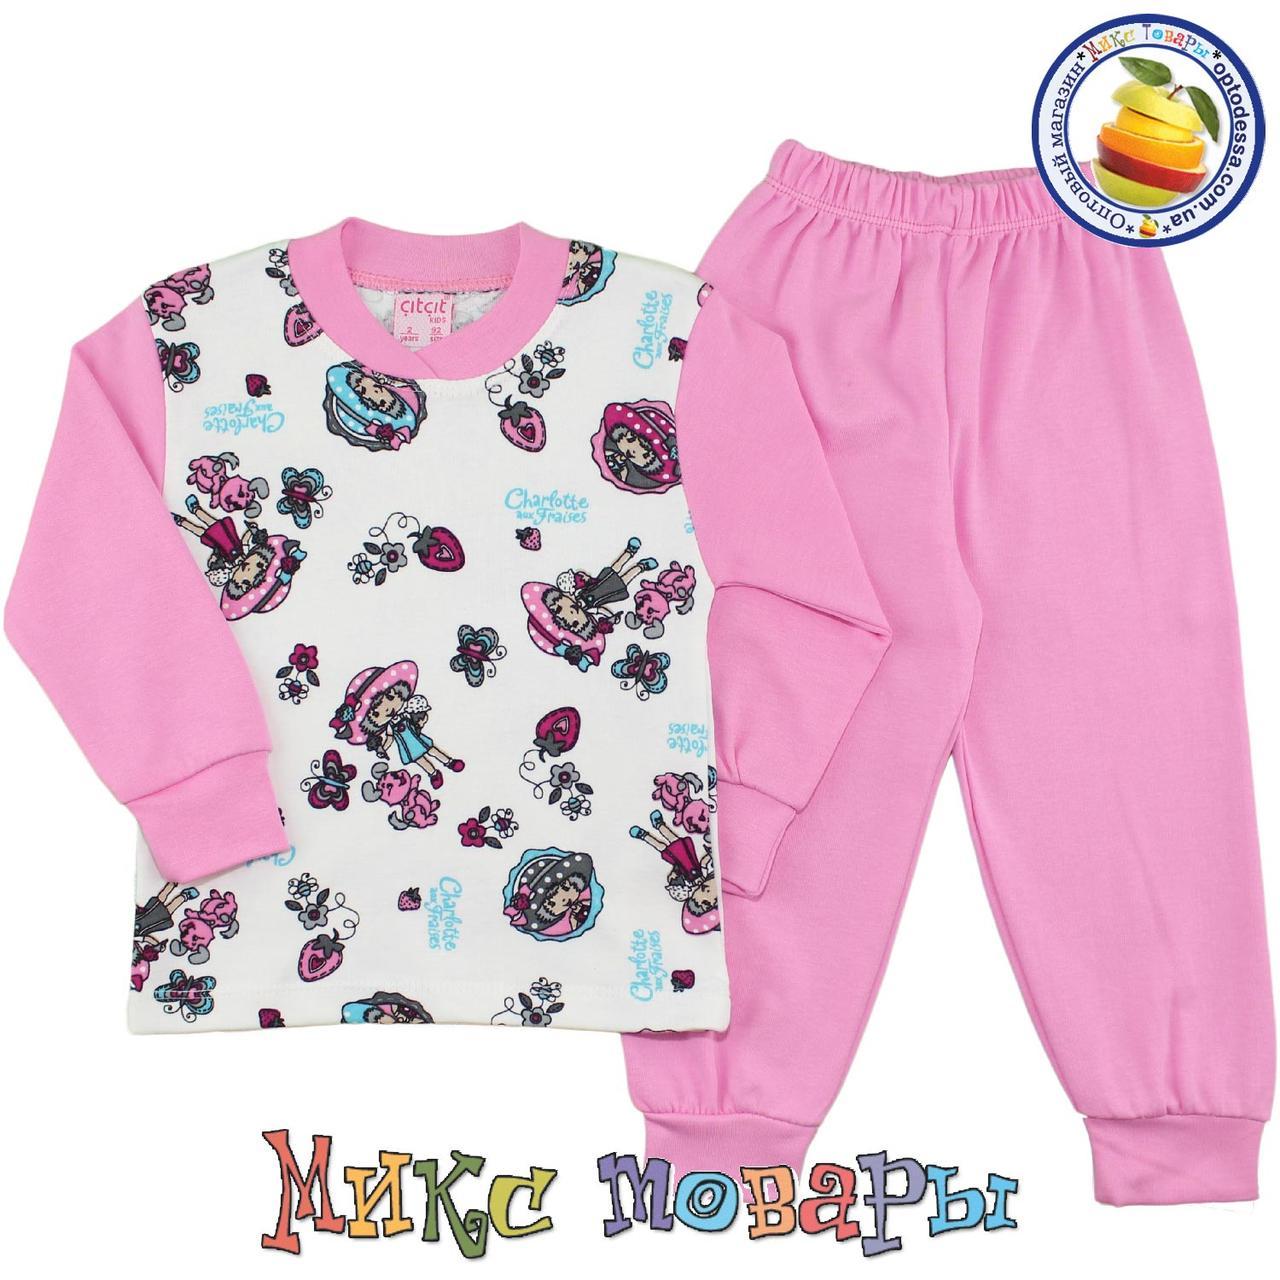 Пижамы для девочек производство Турция Размеры: 86-92-98-104 см (4826-3) - Микс товары - детская одежда оптом, детские и подростковые джинсы, детская одежда оптом на 7км в Одессе